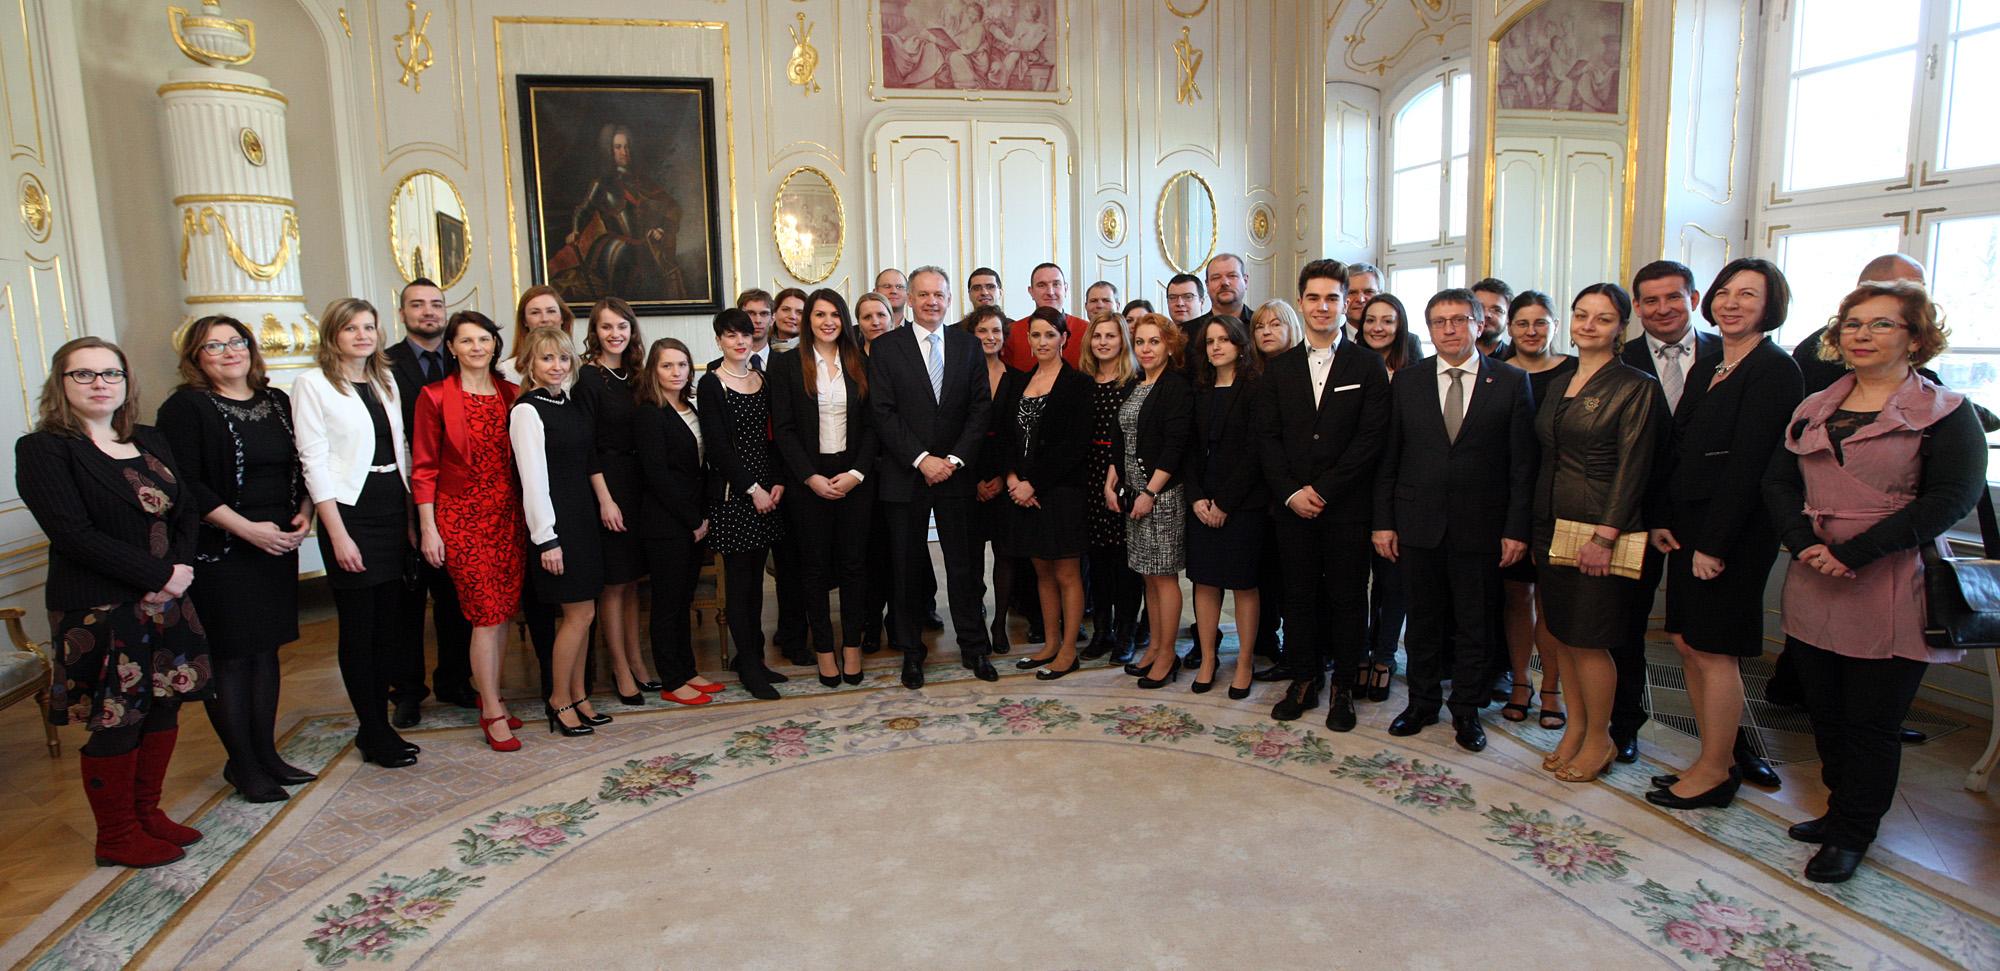 Prezident prijal Dobrovoľníkov roka 2015